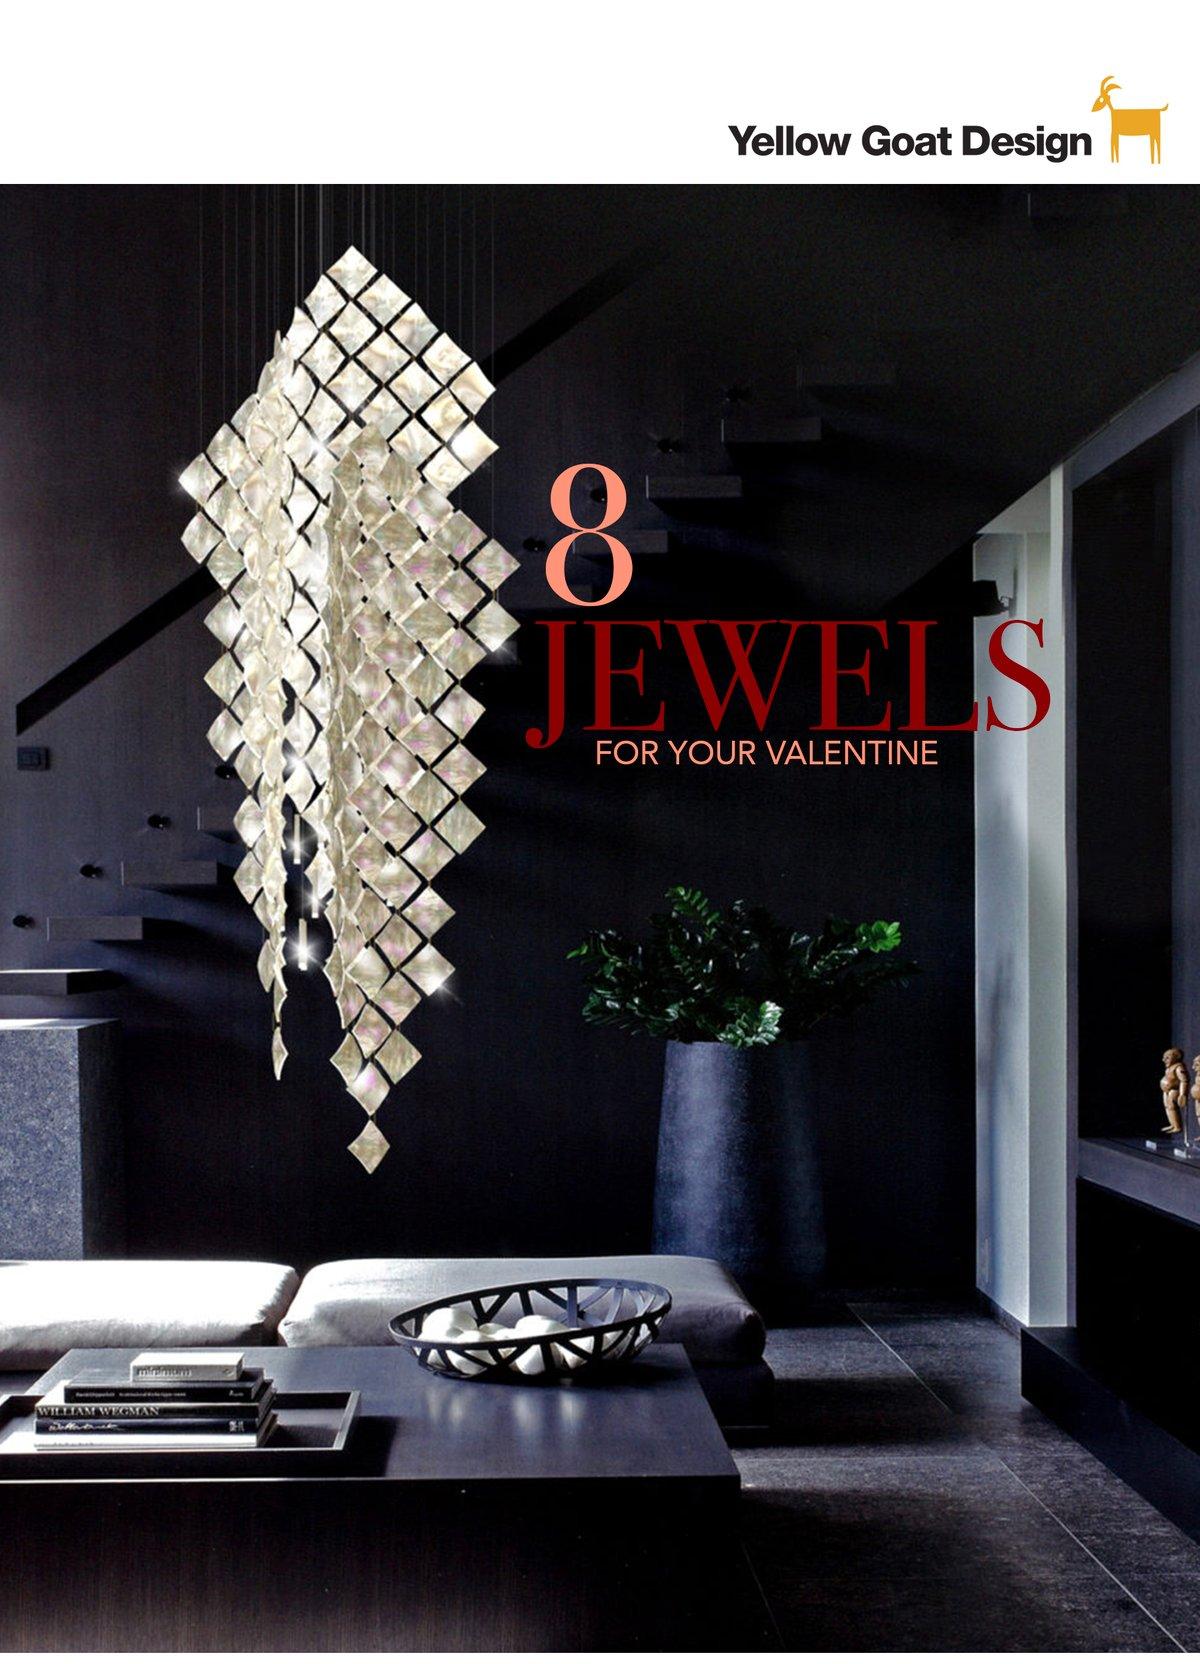 Jewels 1 top_R5